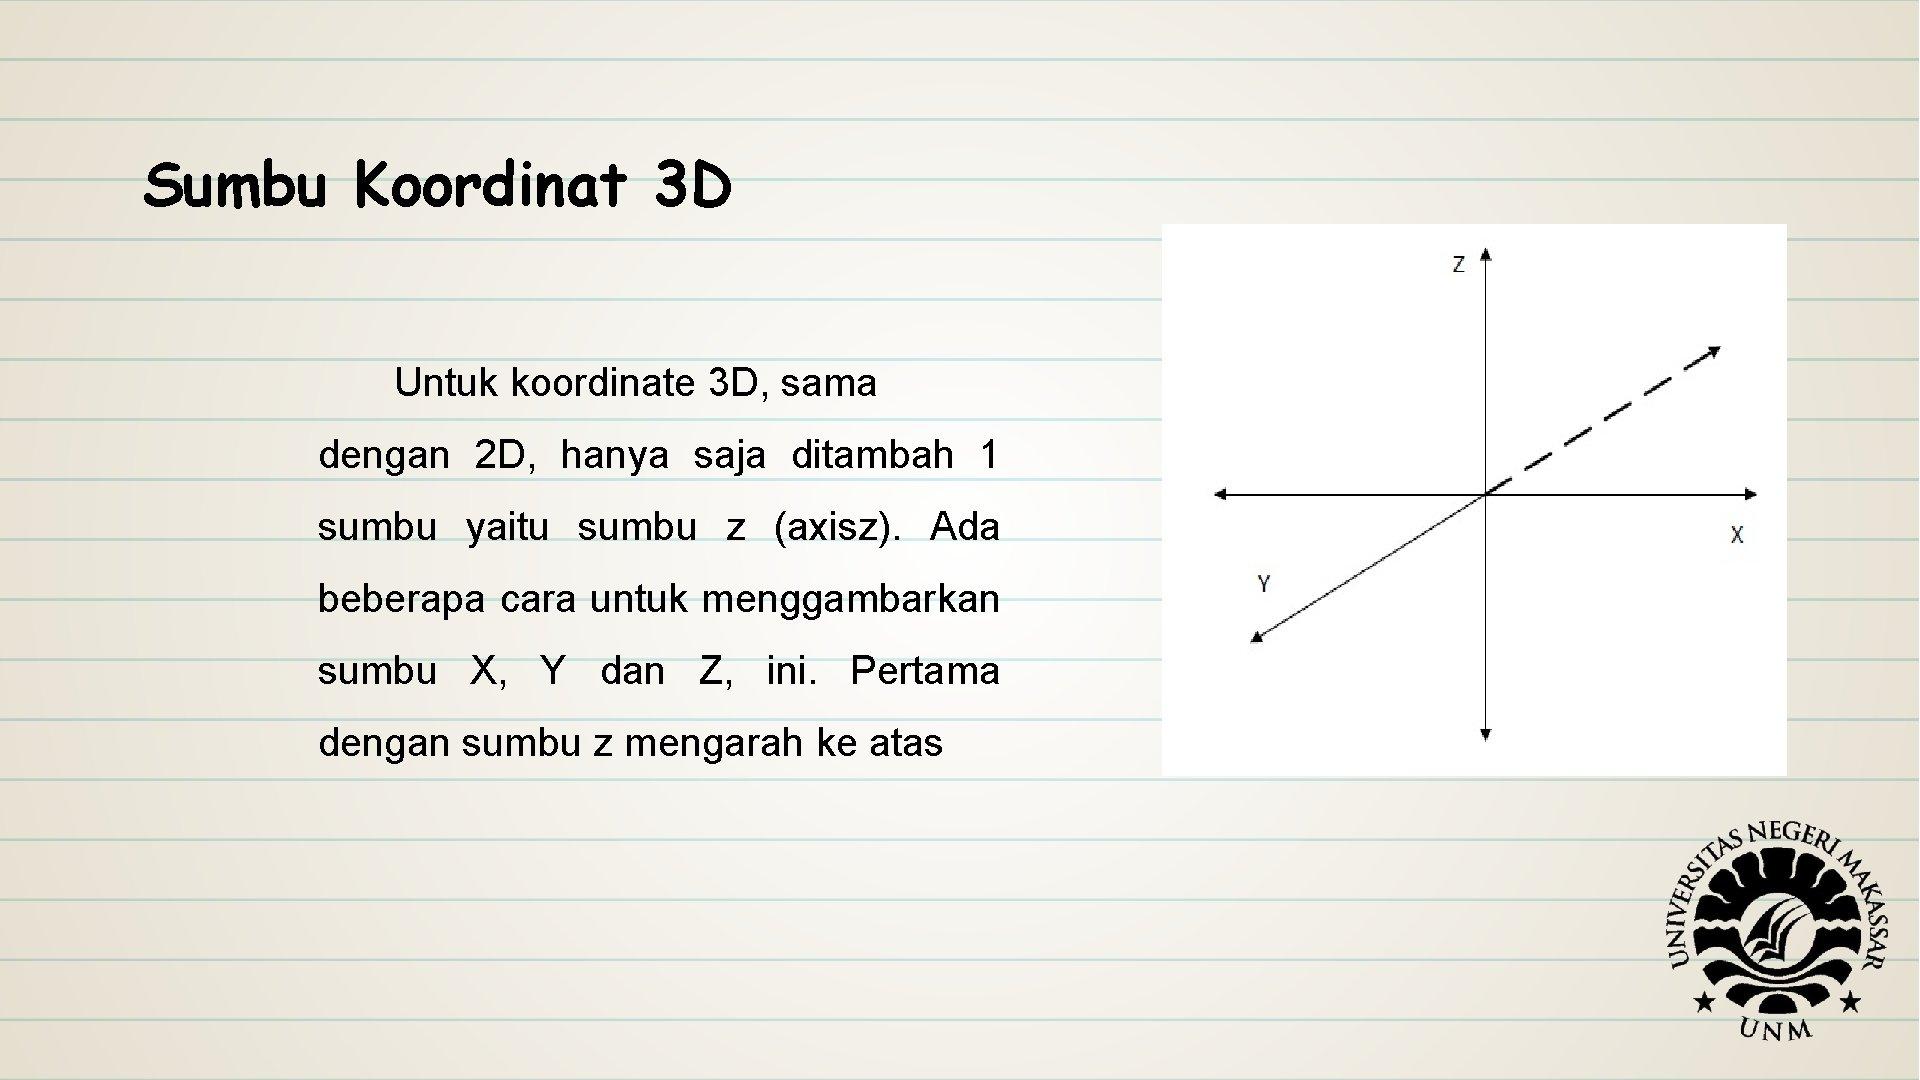 Sumbu Koordinat 3 D Untuk koordinate 3 D, sama dengan 2 D, hanya saja